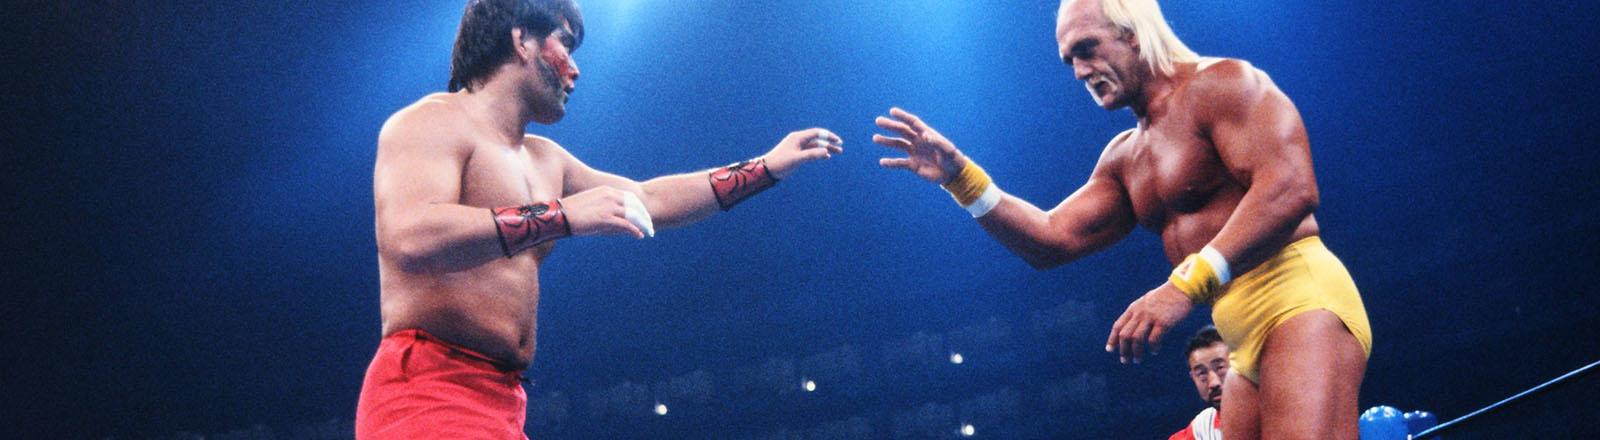 Bei einem Wrestling-Event in Japan steht Hulk Hogan im Ring seinem Gegner gegenüber. Sie schauen sich an (03.05.1993)